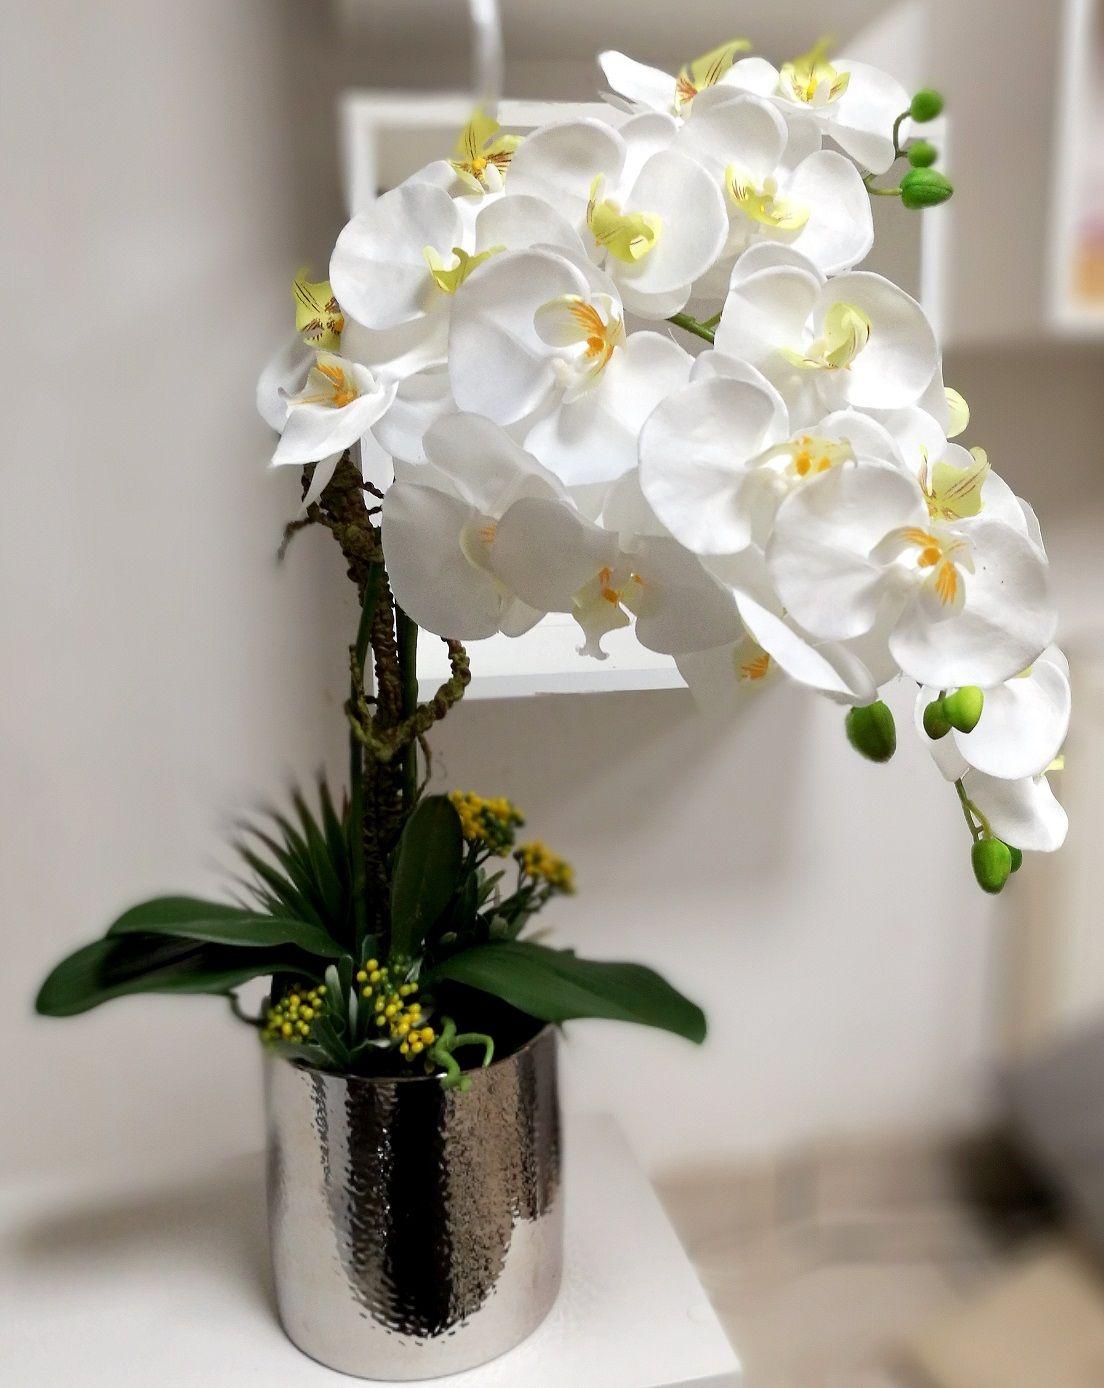 Satynowy Storczyk W Srebrnej Donicy Nr 147 Swiateczne Atelier Decor Home Decor Vase